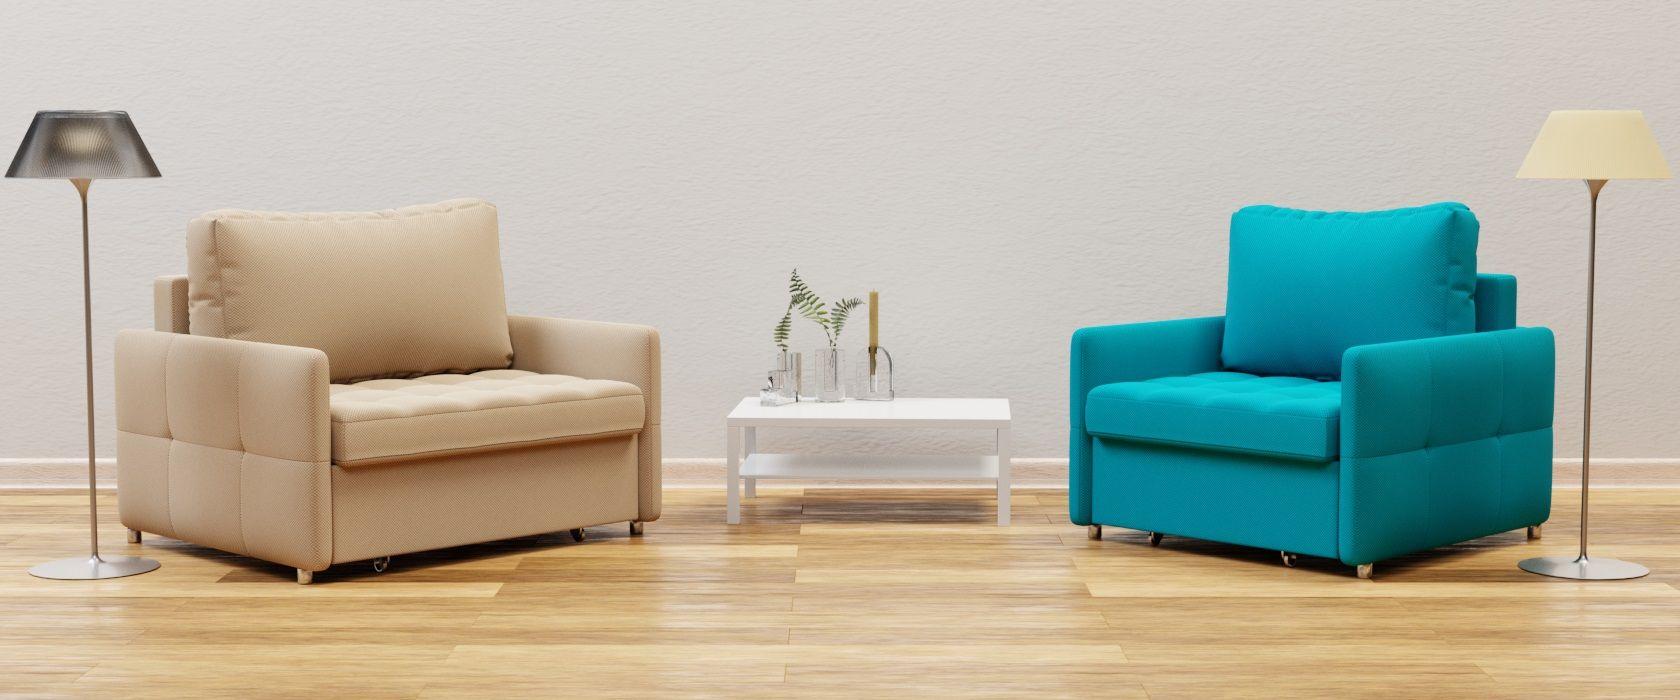 46957 Как правильно выбрать кресло